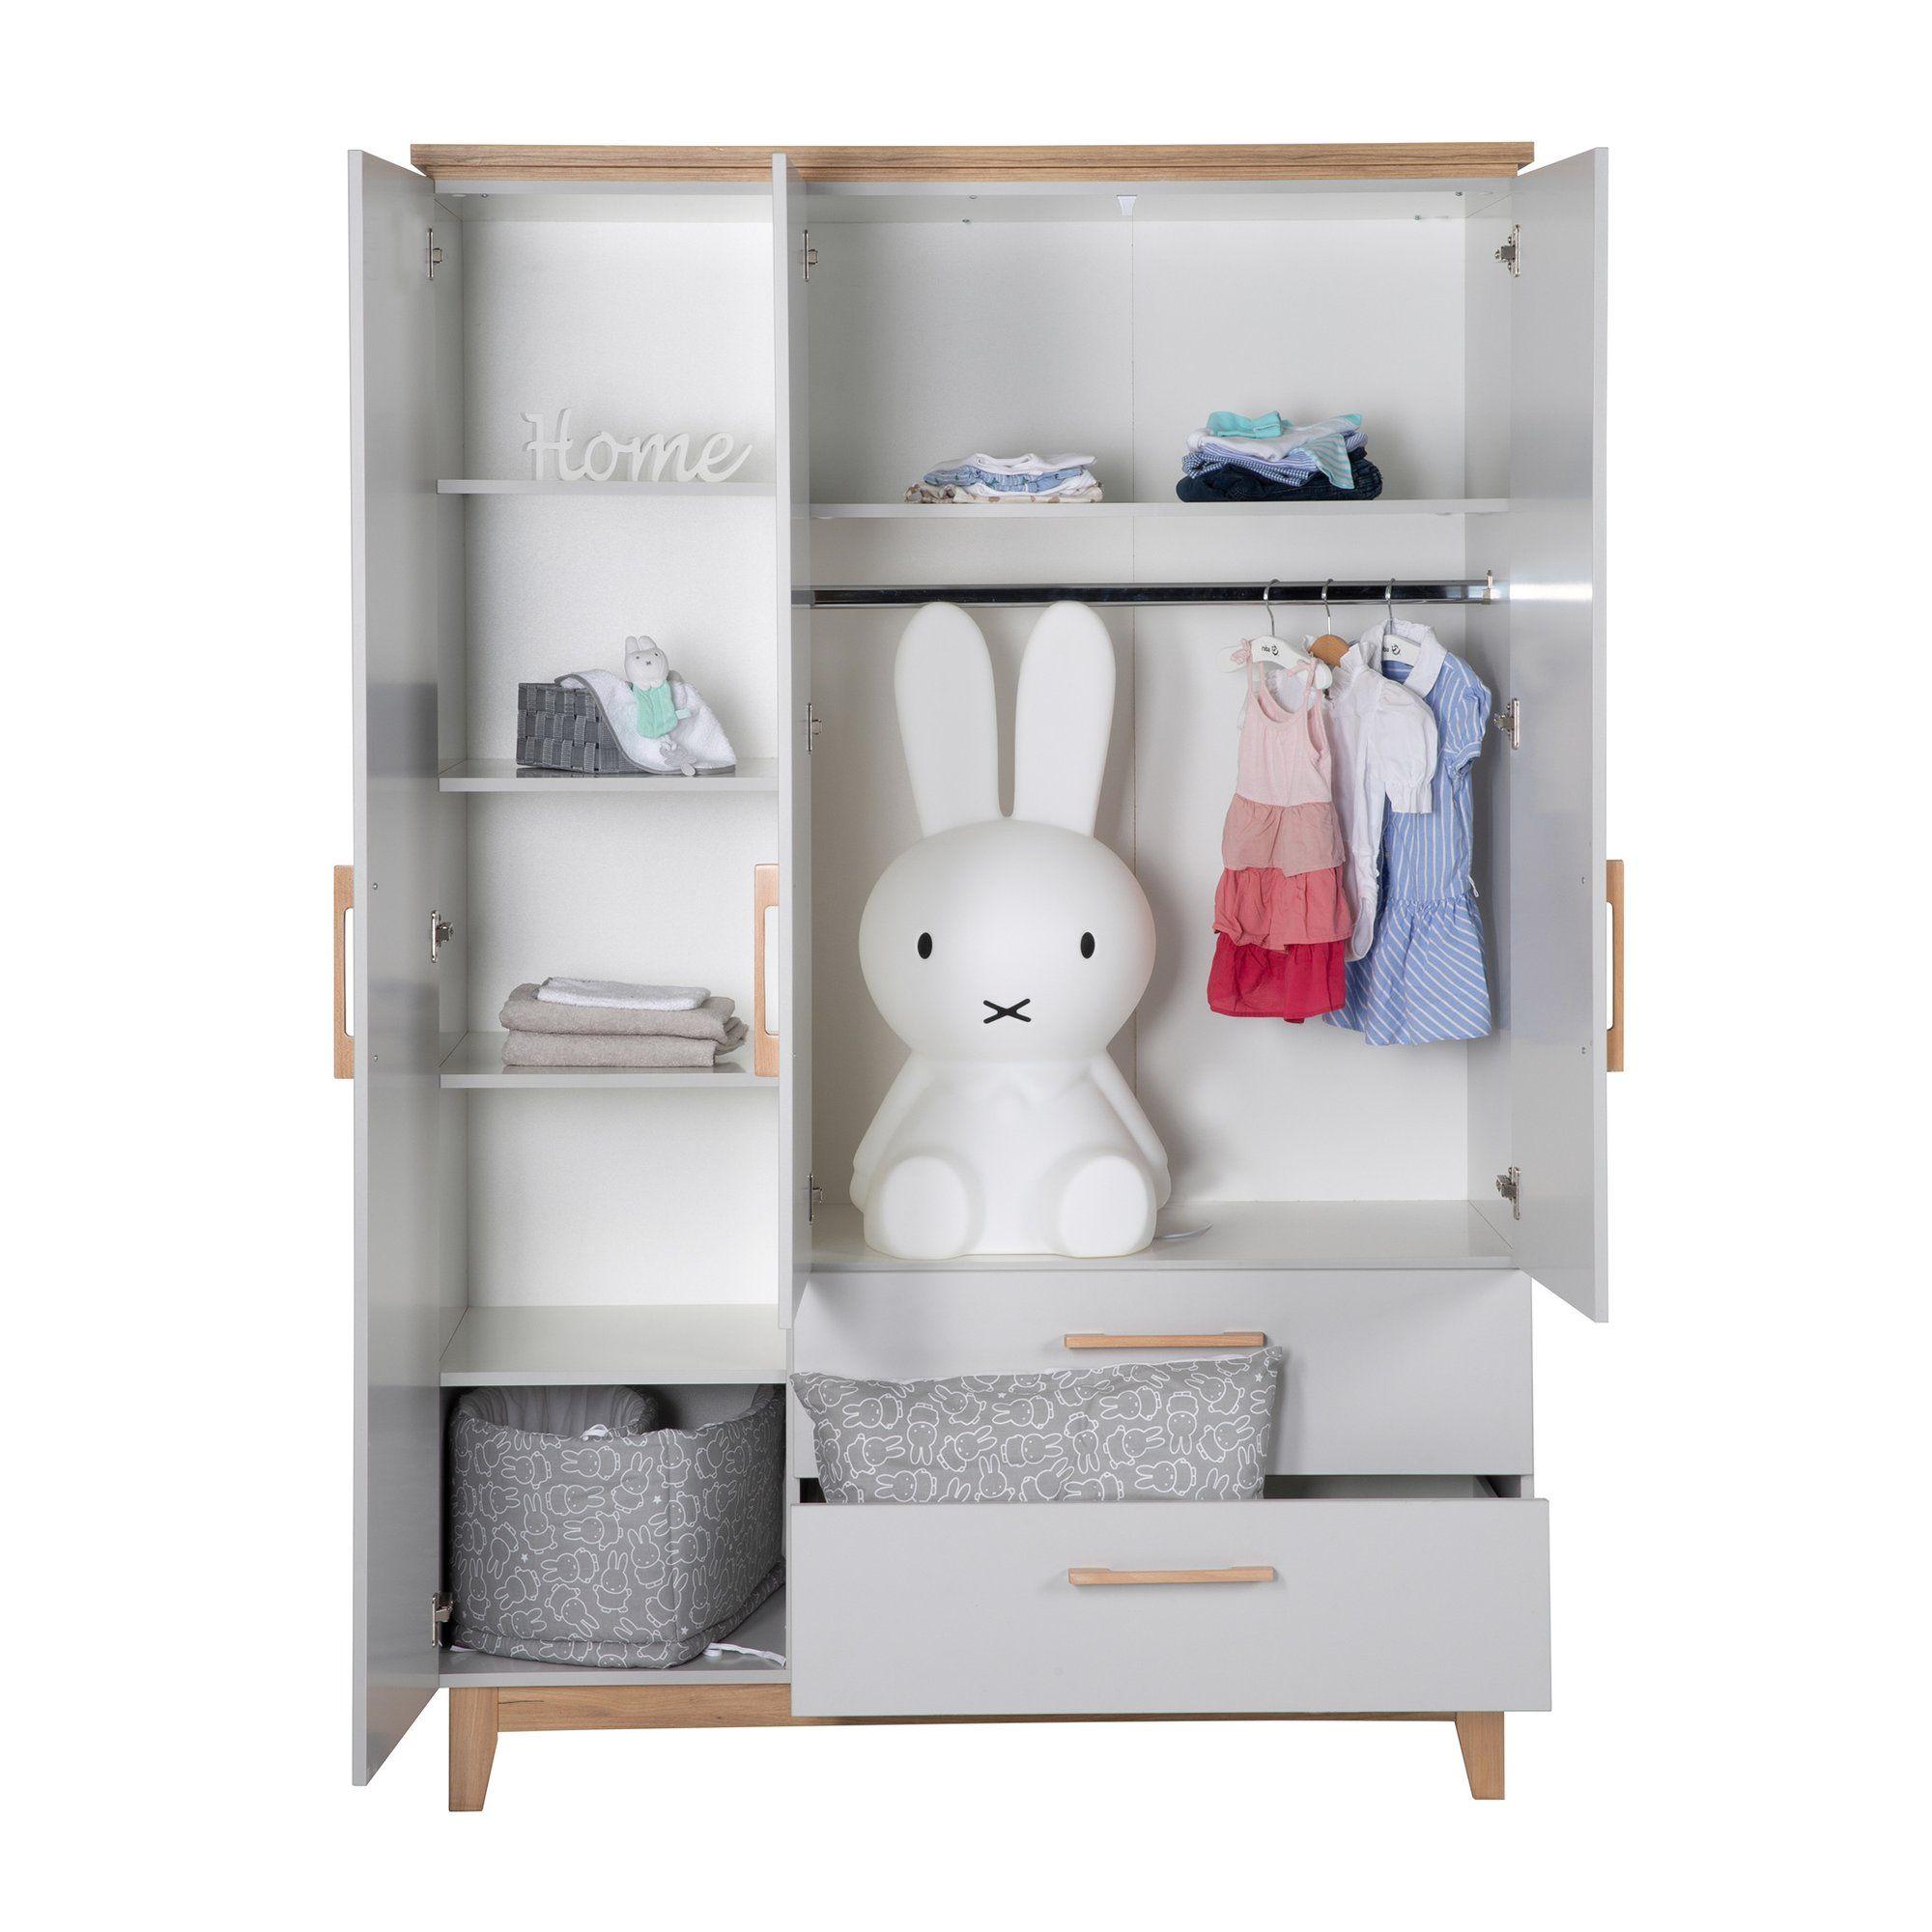 Roba Kleiderschrank 3 Türig Caro Online Kaufen Baby Walz Kleiderschrank 3 Türig Kinderkleiderschrank Kleiderschrank